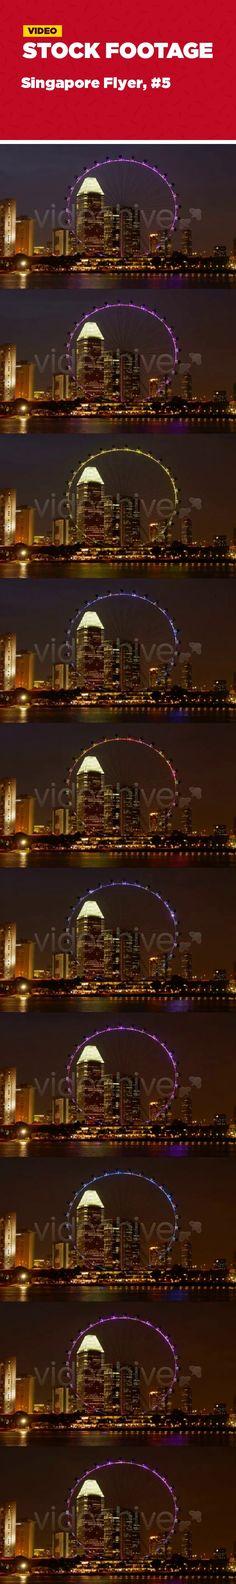 architecture, bay, city, famous, flyer, illuminated, landmark, marina, place, singapore, skyline, square Night time-lapse of Singapore Flyer